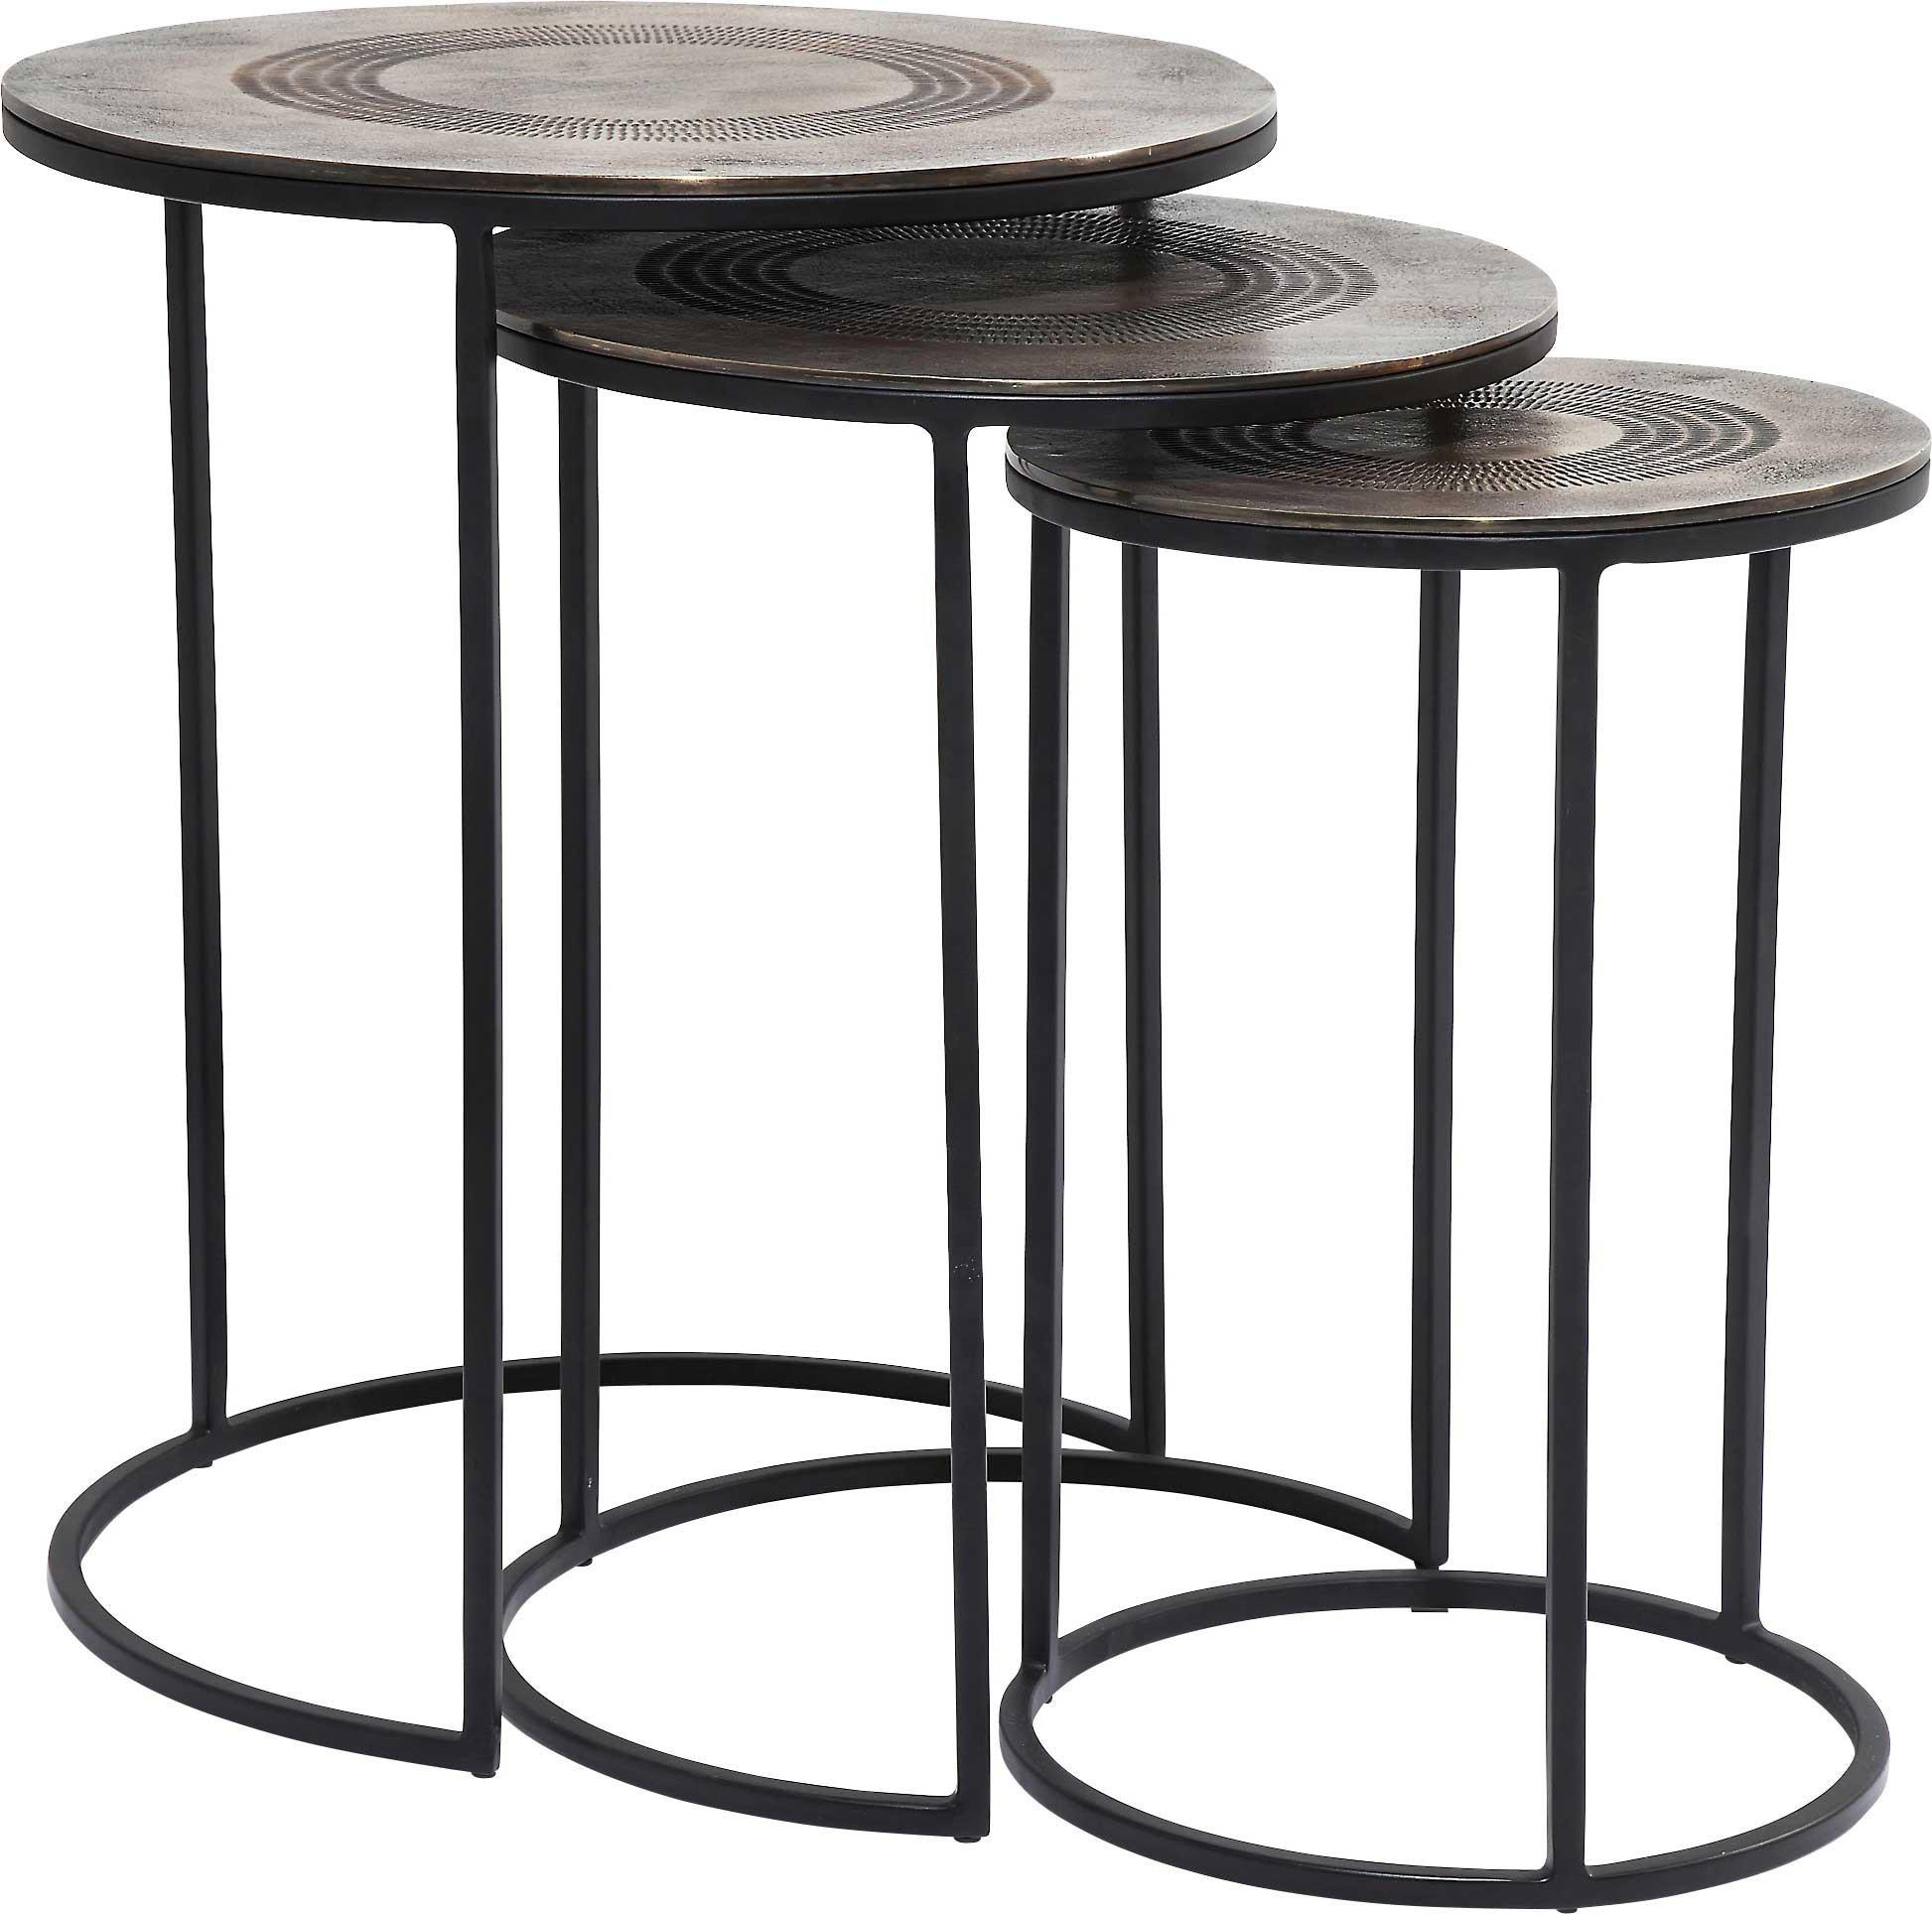 Tables d'appoint Marrakesh set de 3 Kare Design